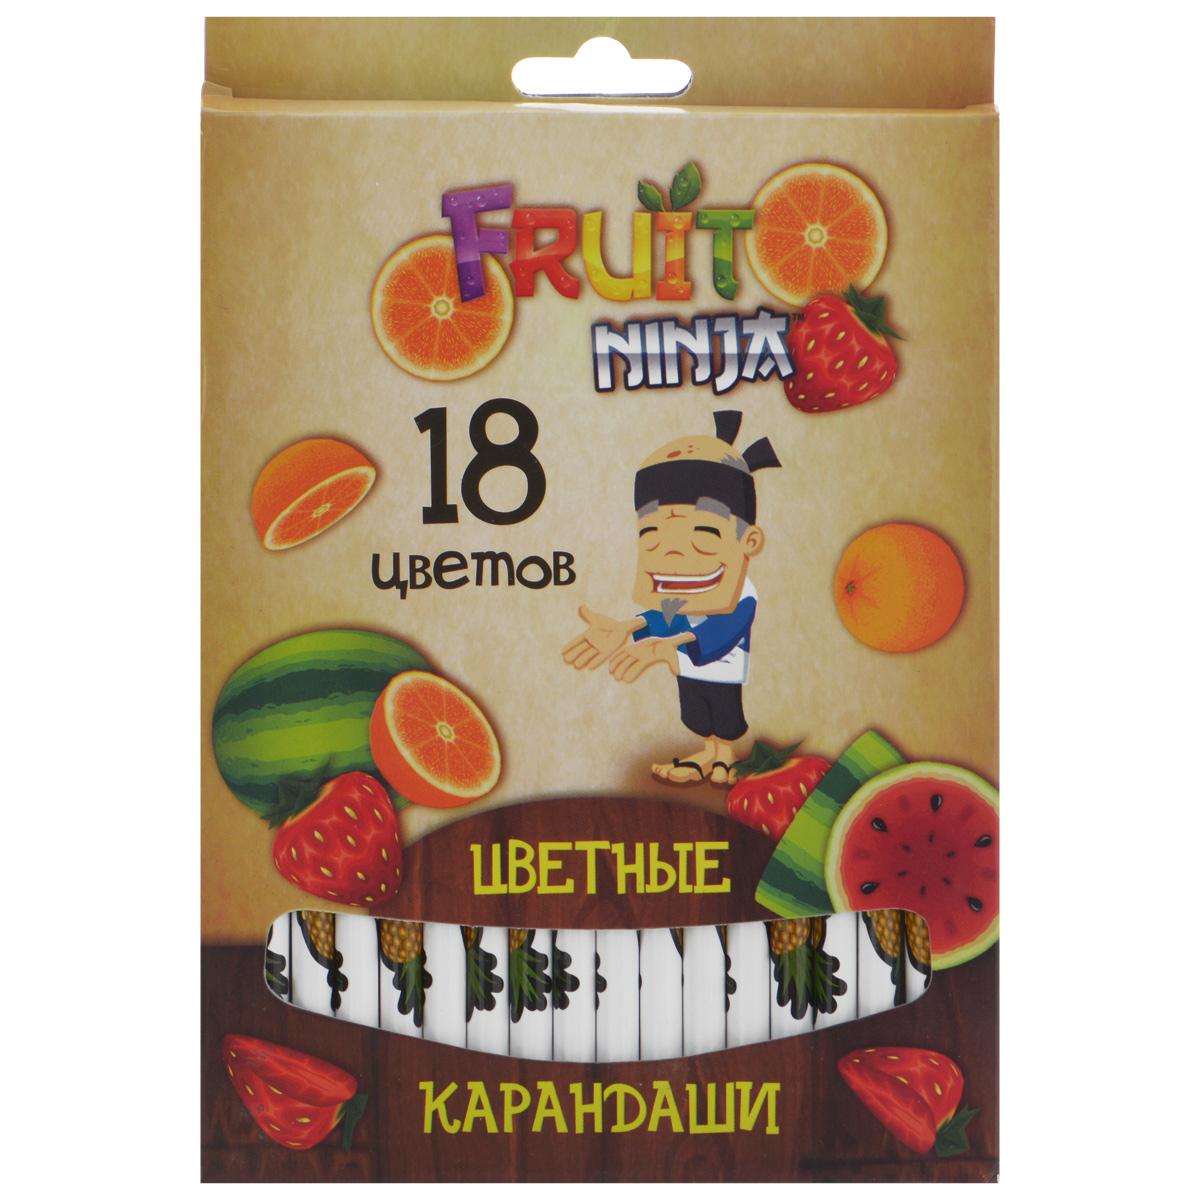 Цветные карандаши Action! Fruit Ninja, 18 цветов610842Цветные карандаши Action! Fruit Ninja - идеальный инструмент для самовыражения иразвития маленького художника!Корпус карандашей выполнен извысококачественной древесины и оформлен изображением сочных фруктов и логотипомигры Fruit Ninja. Карандаши обладают яркими насыщенными цветами, а мягкийгрифель позволяет штрихам легко ложиться на бумагу. Они уже заточены, поэтому все,что нужно для рисования, - это взять чистый лист бумаги, и можно начинать! Комплект включает 18 карандашей разных цветов, упакованных в коробку, украшеннуюизображением фруктов и героя игры Fruit Ninja.